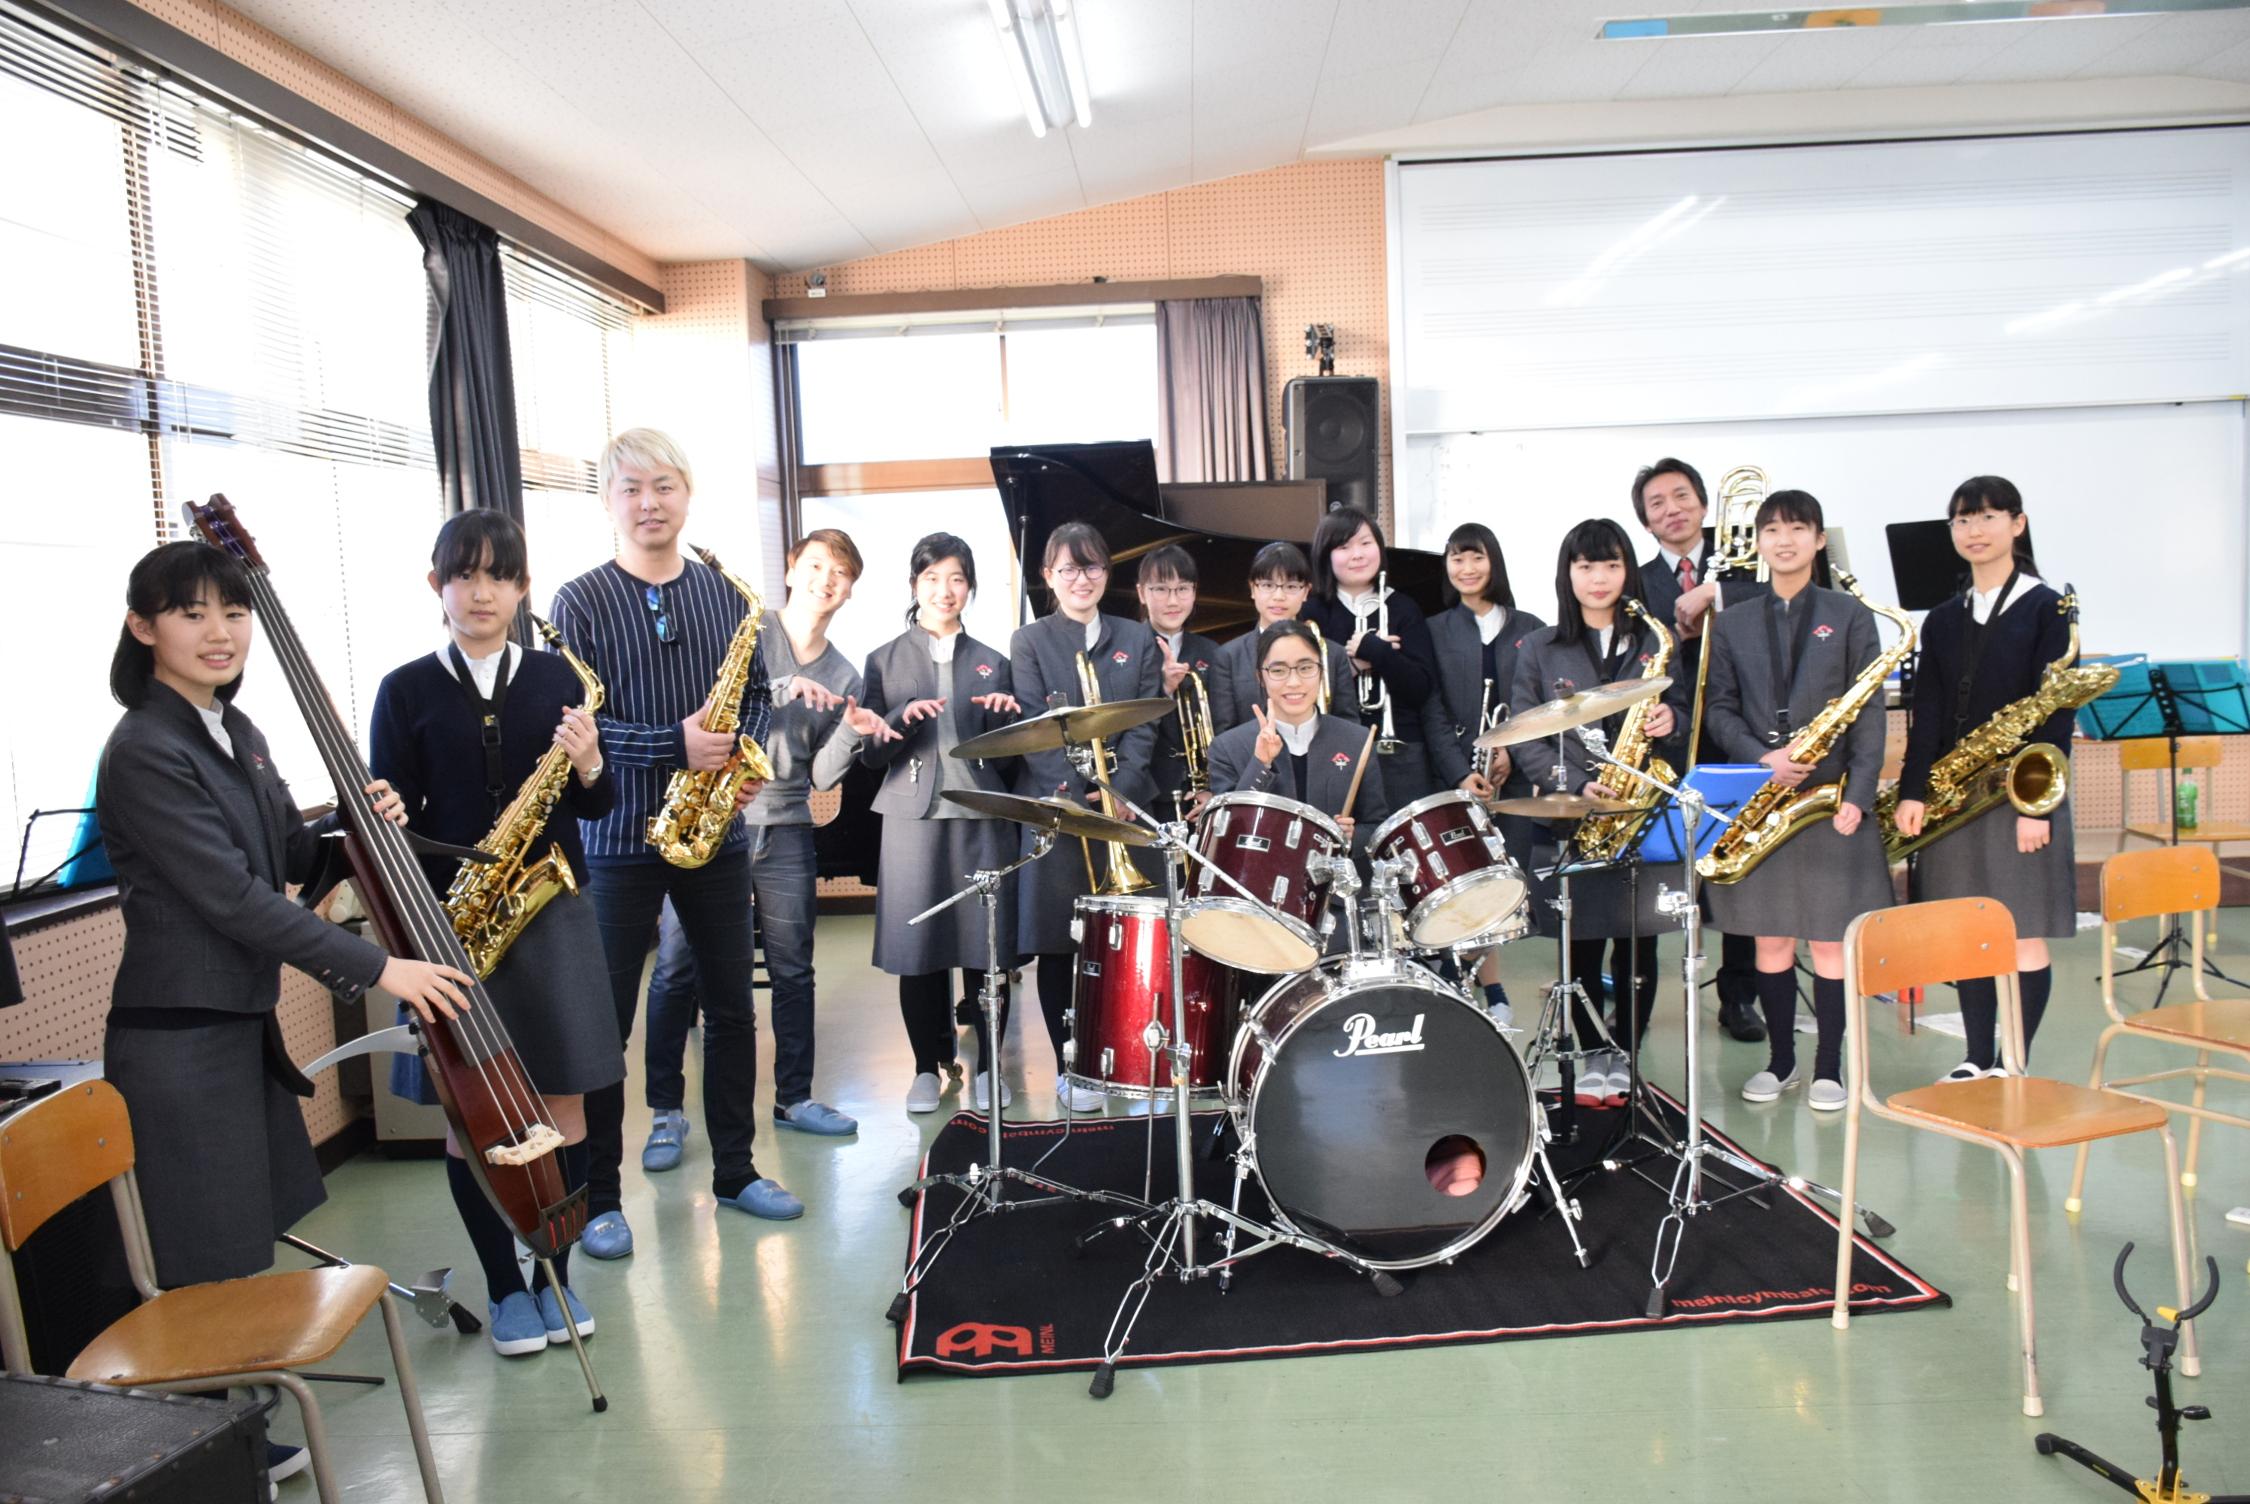 大瀬戸千嶋さんとジャズ部がリハーサルを行いました